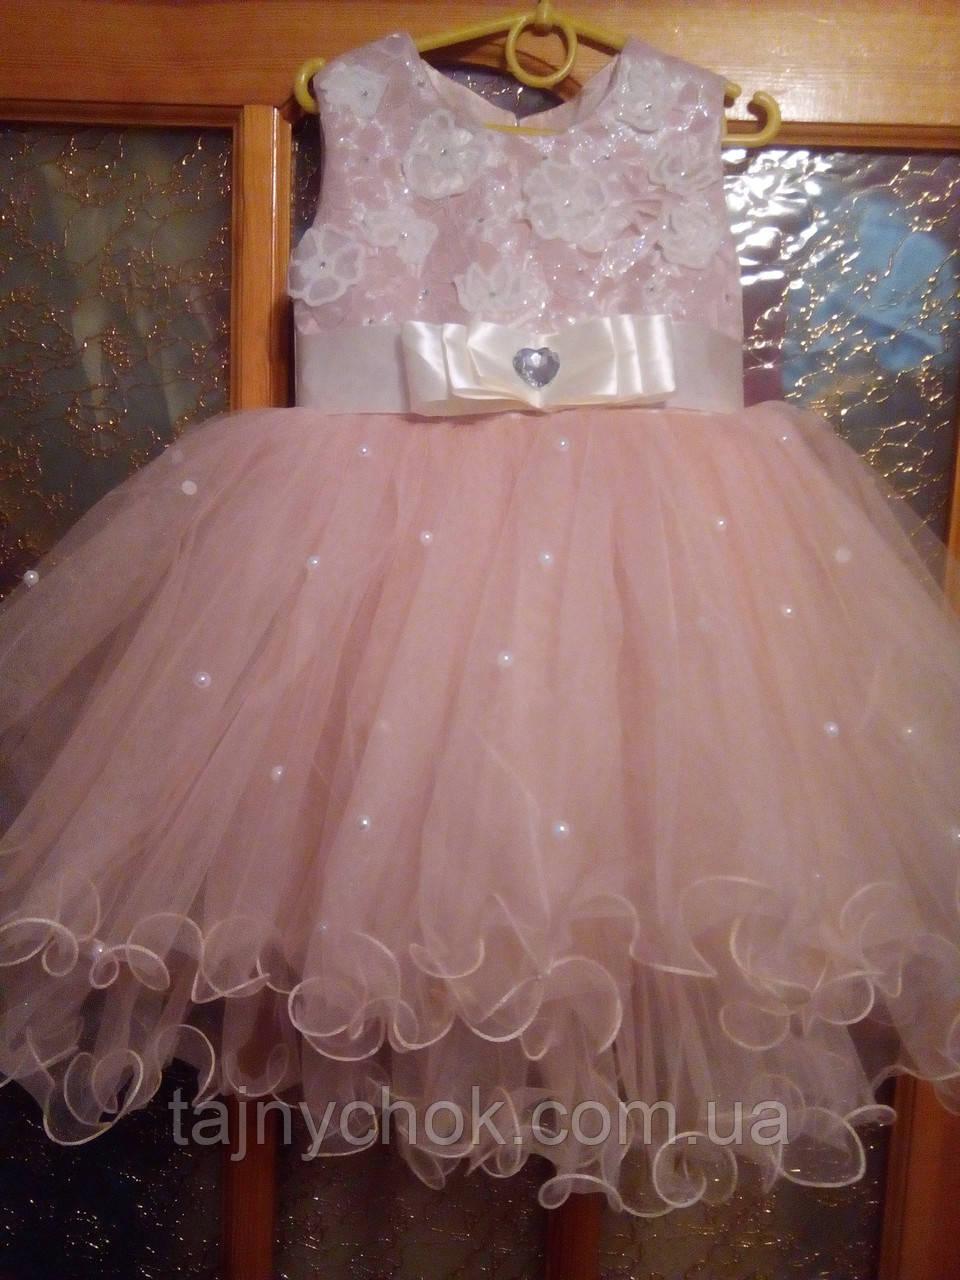 Пышное платье для девочек